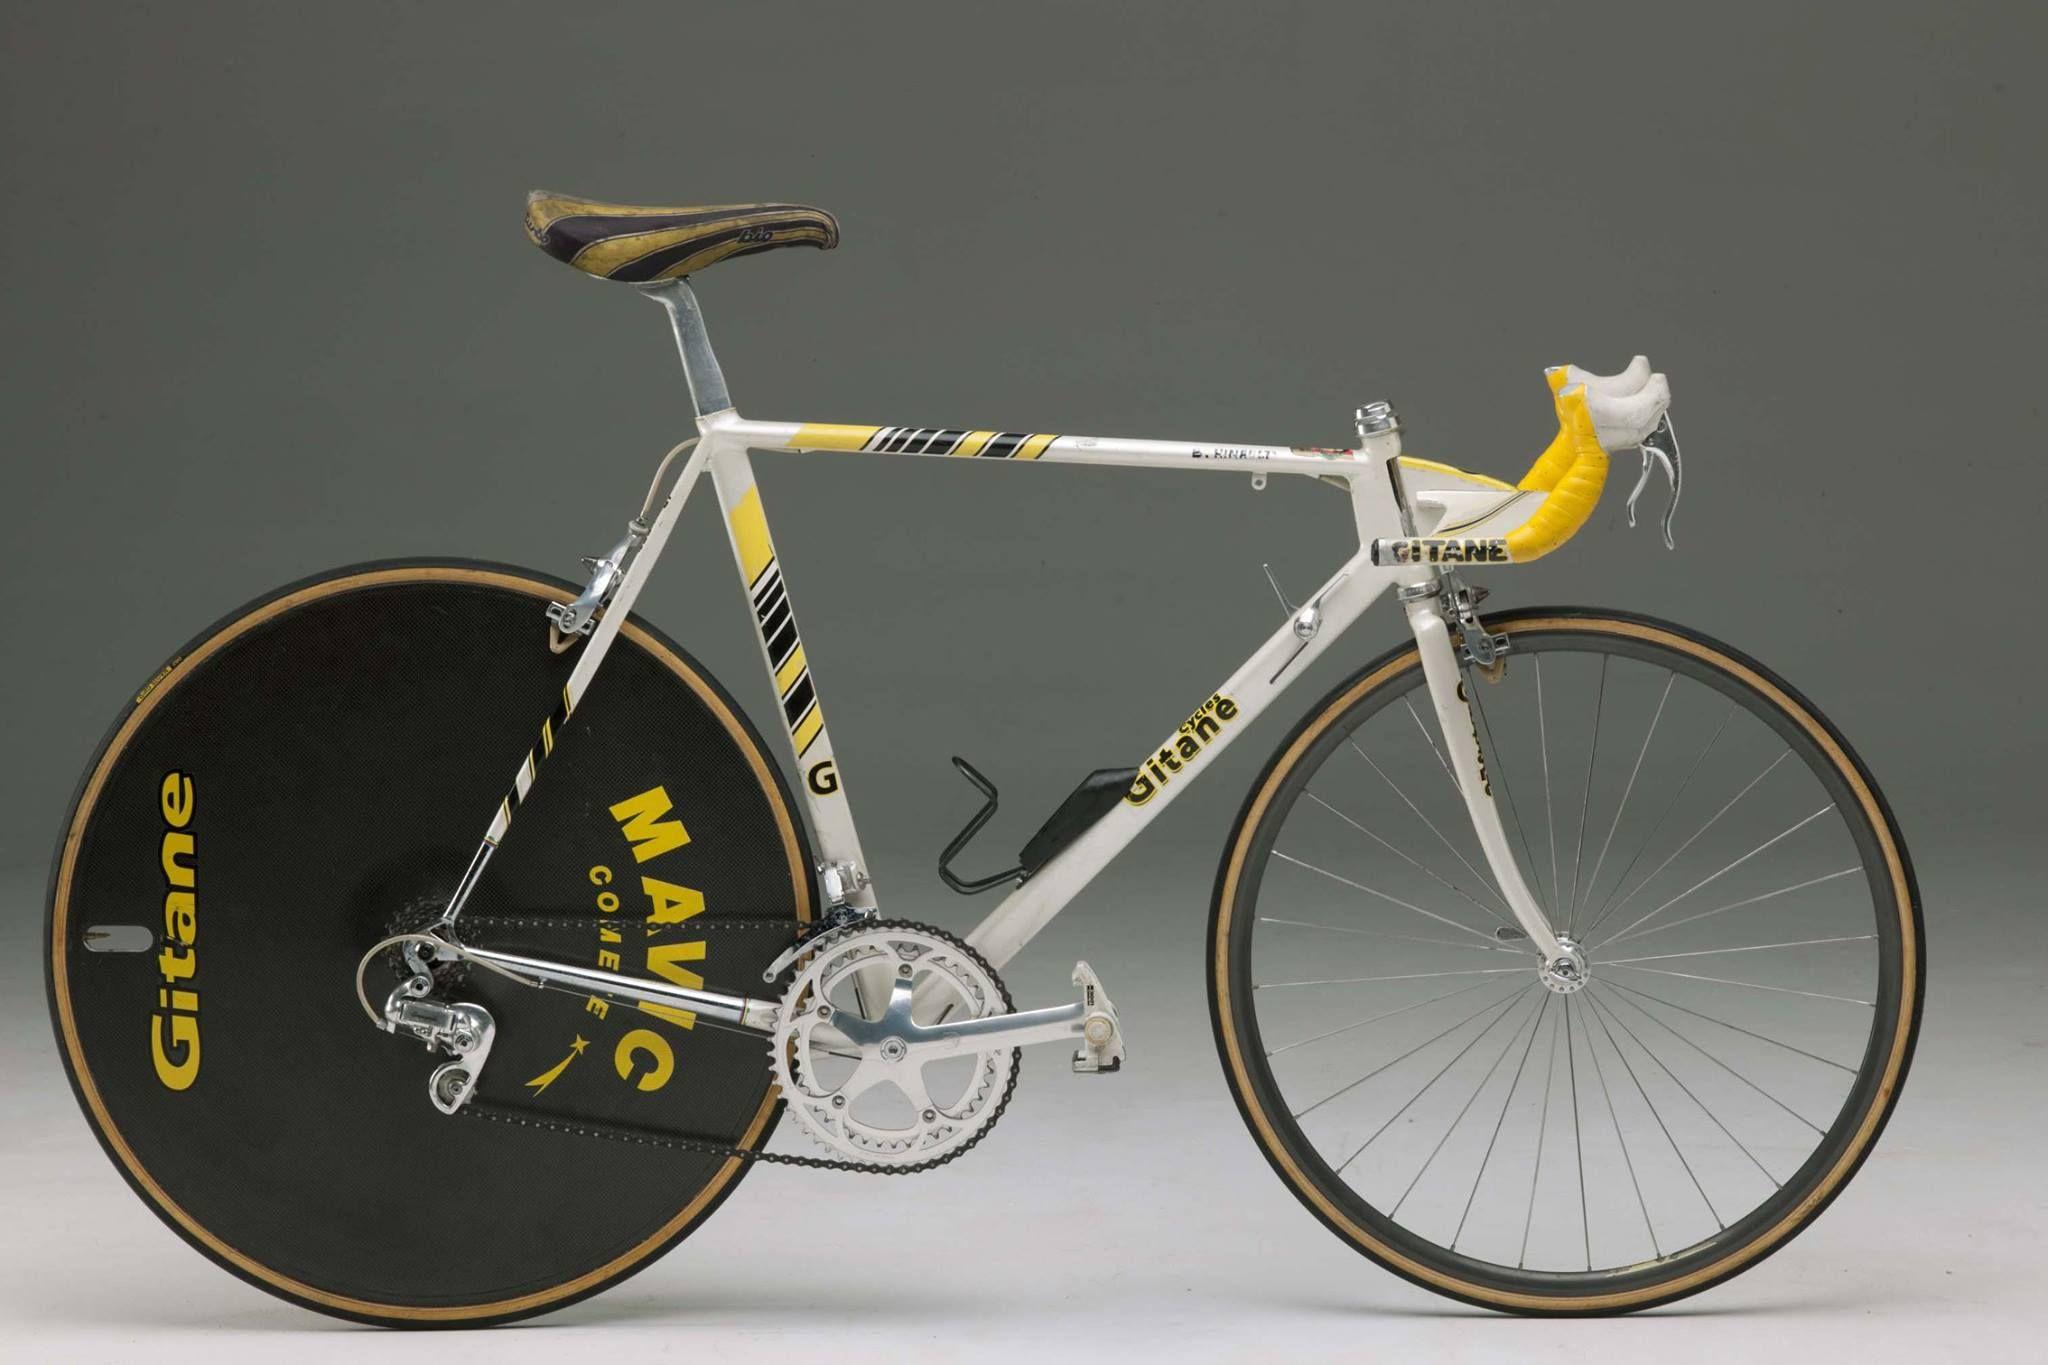 d6085e45a Gitane Delta. Gitane Delta Vintage Cycles